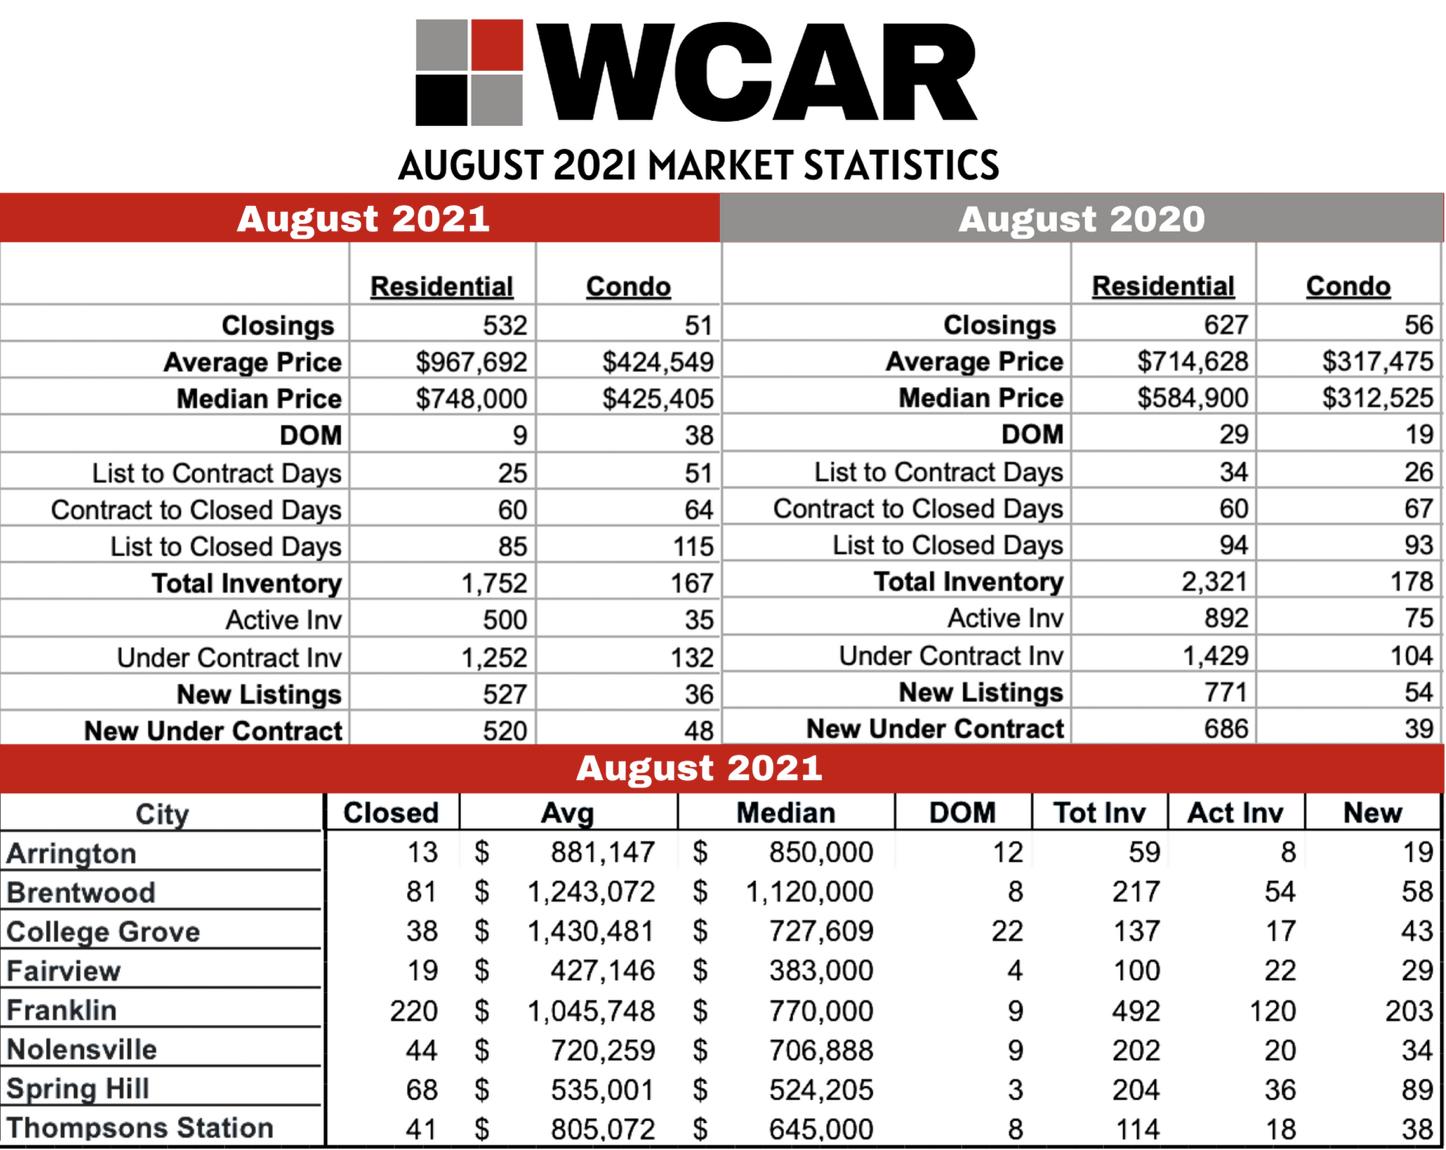 WCAR August 2021 Recap